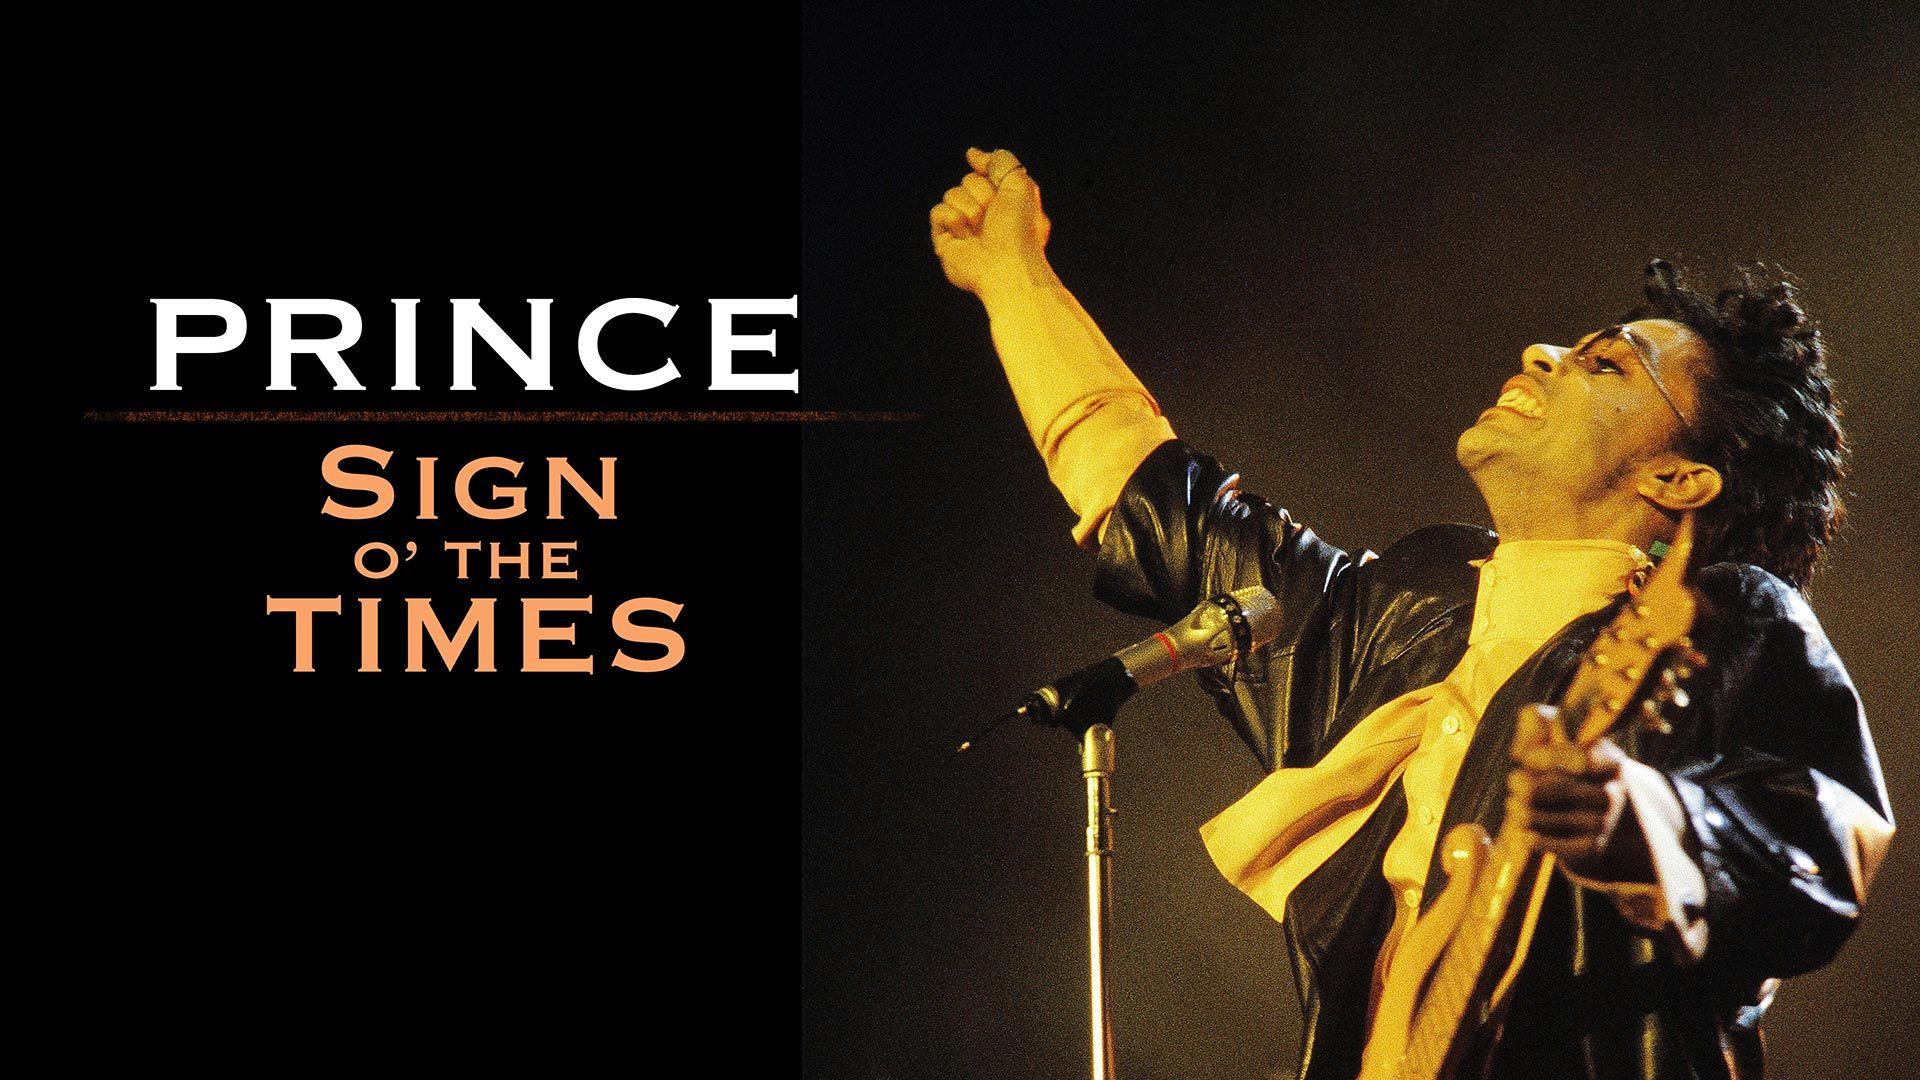 Prince: Sign O' The Times S1 | Ep 1 Prince: Sign O' The Times